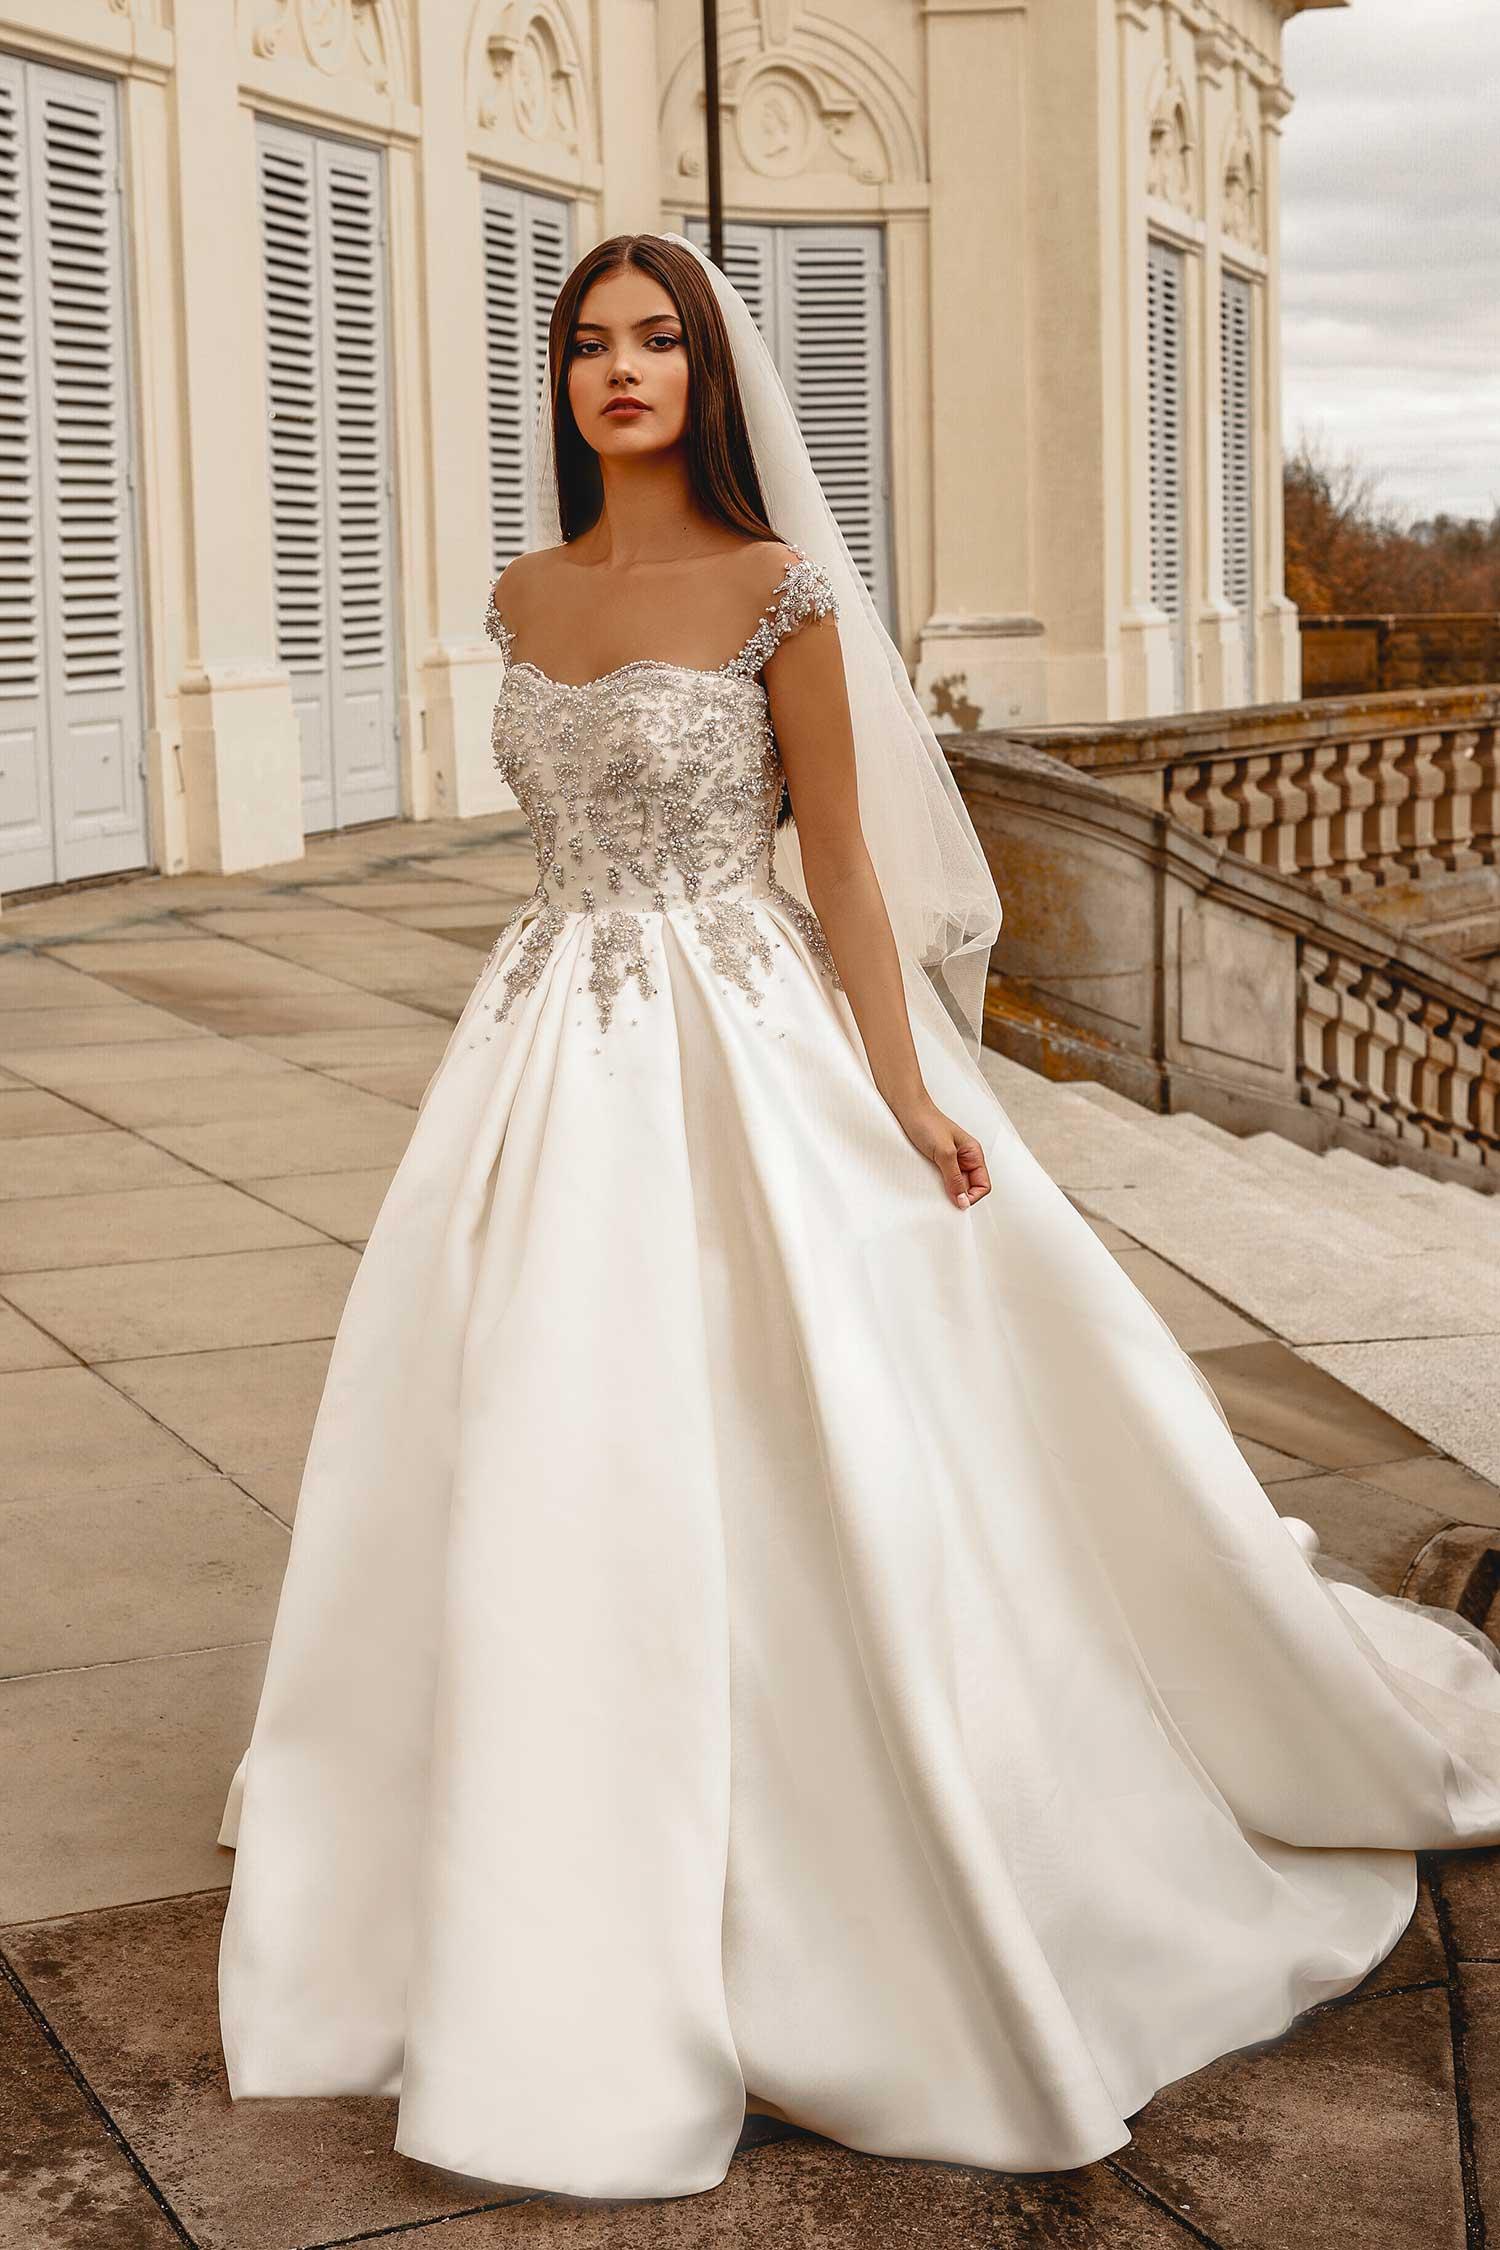 Model wearing a ball gown wedding dress